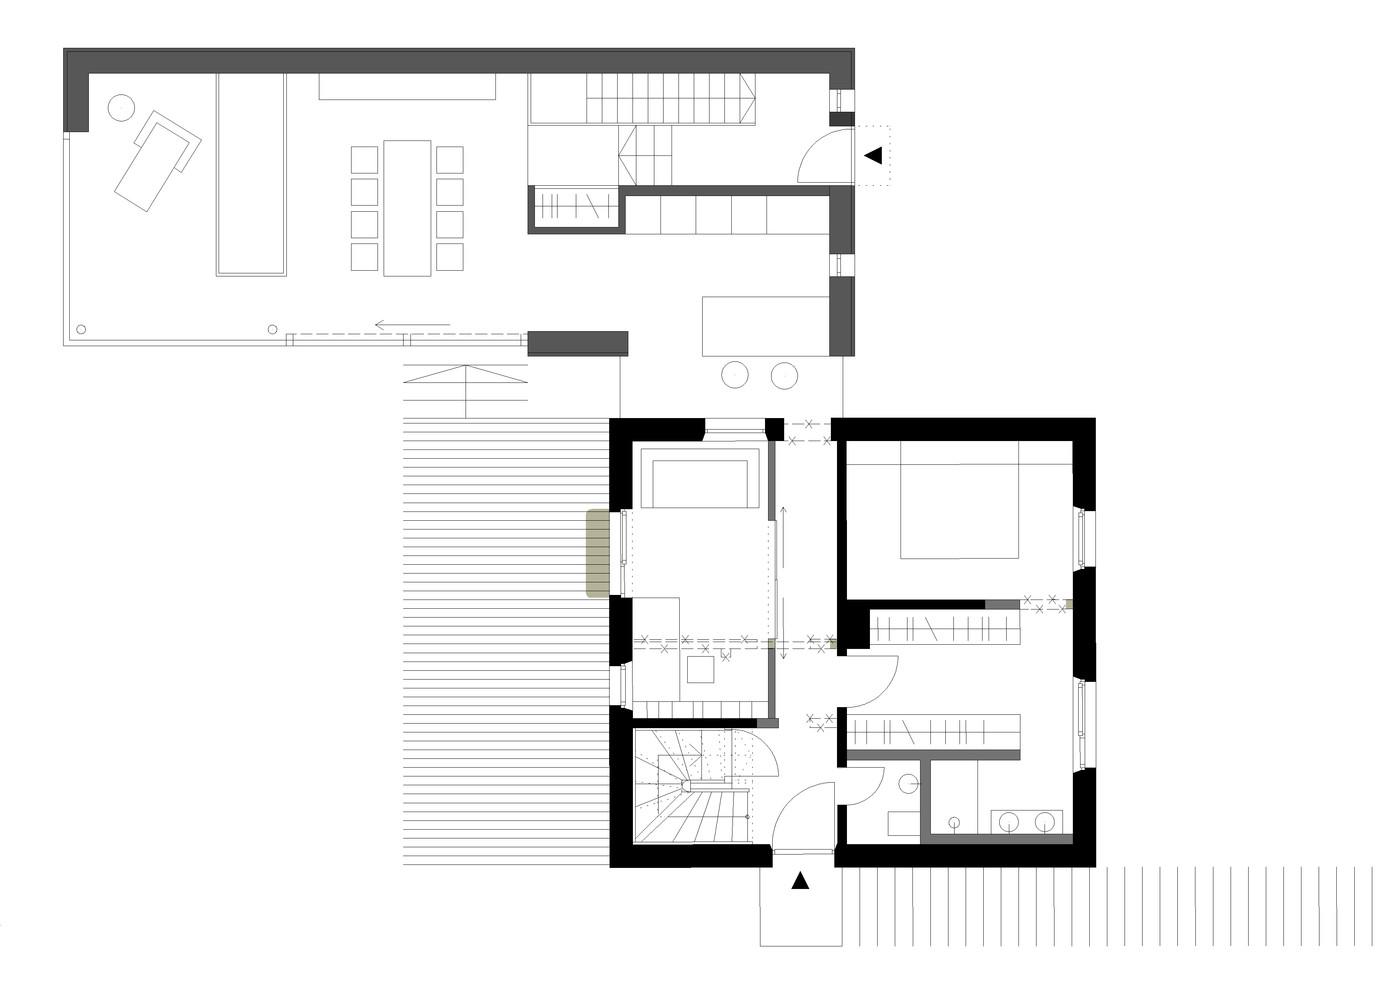 Fabi Architekten gallery of interstice fabi architekten bda 15